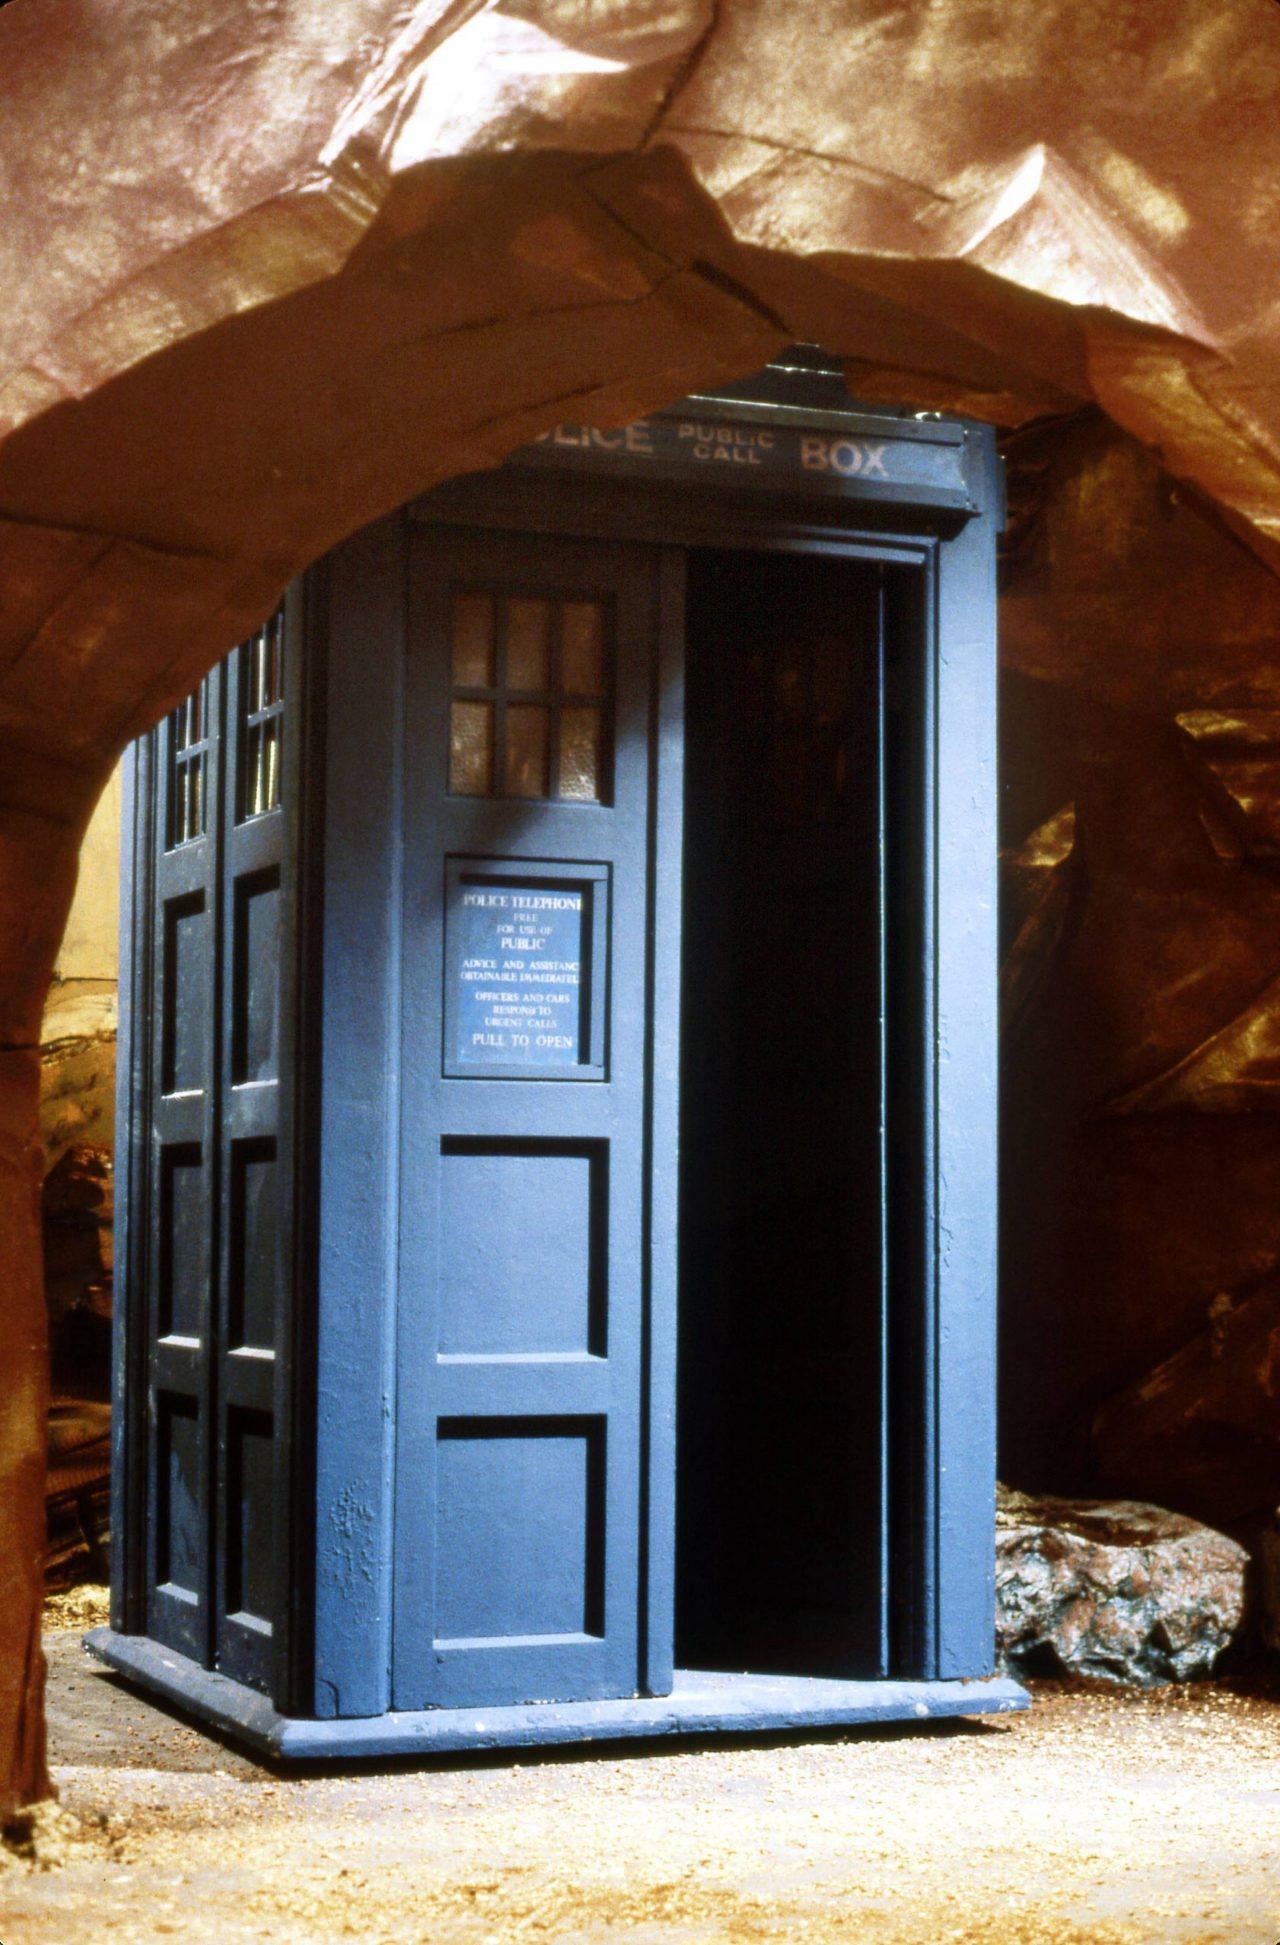 DW_CL_0685-TARDIS-1-1280x1945.jpg